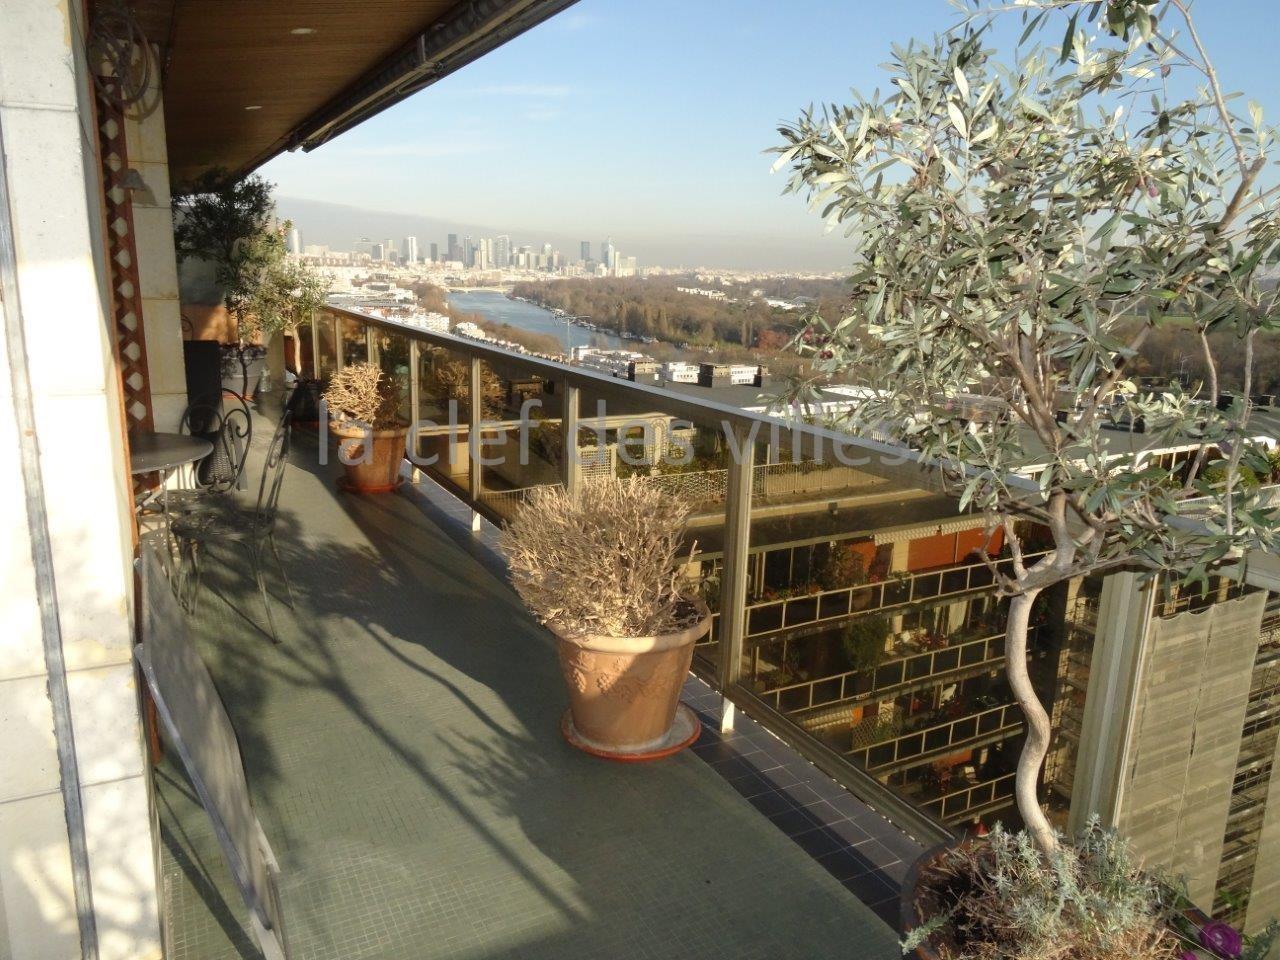 la-clef-des-villes-agence-immobiliere-boulogne-billancourt-chasseur-immobilier-hauts-de-seine-92-arnaud-mascarel-vente-appartement-saint-cloud-photo-balcon